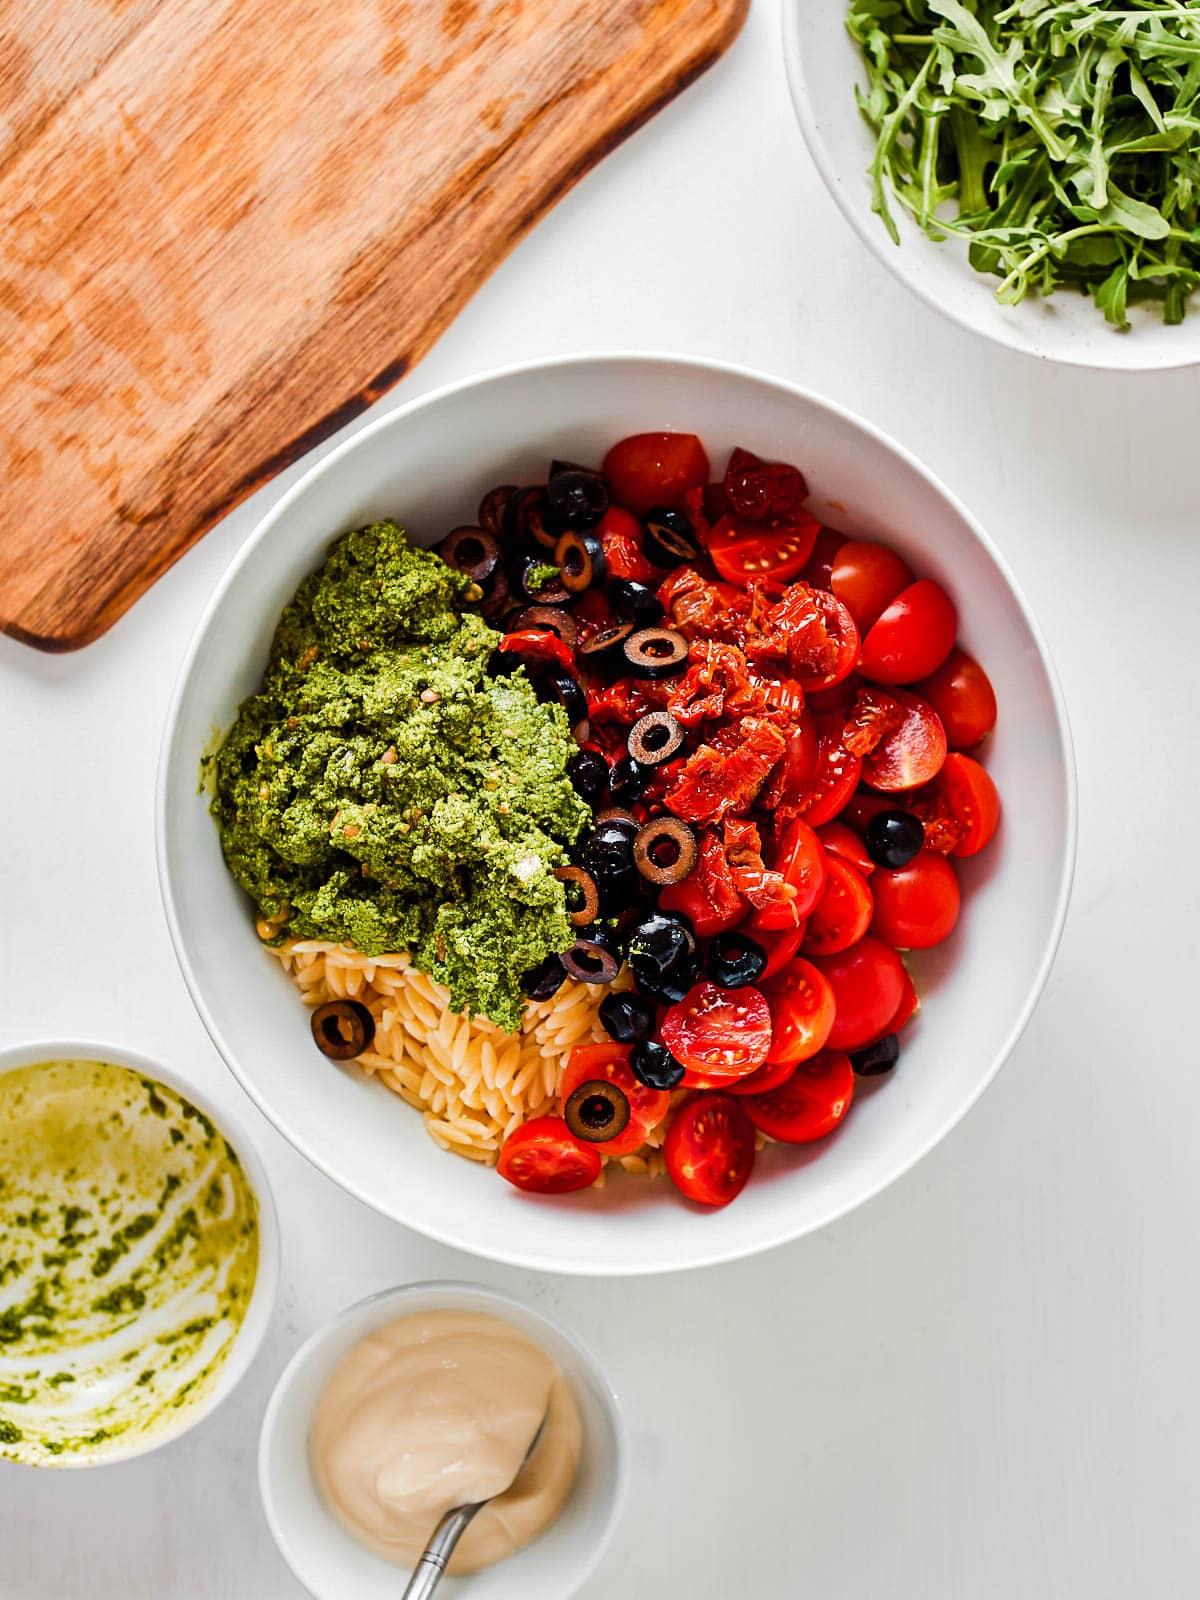 Adding pesto to mixing bowl